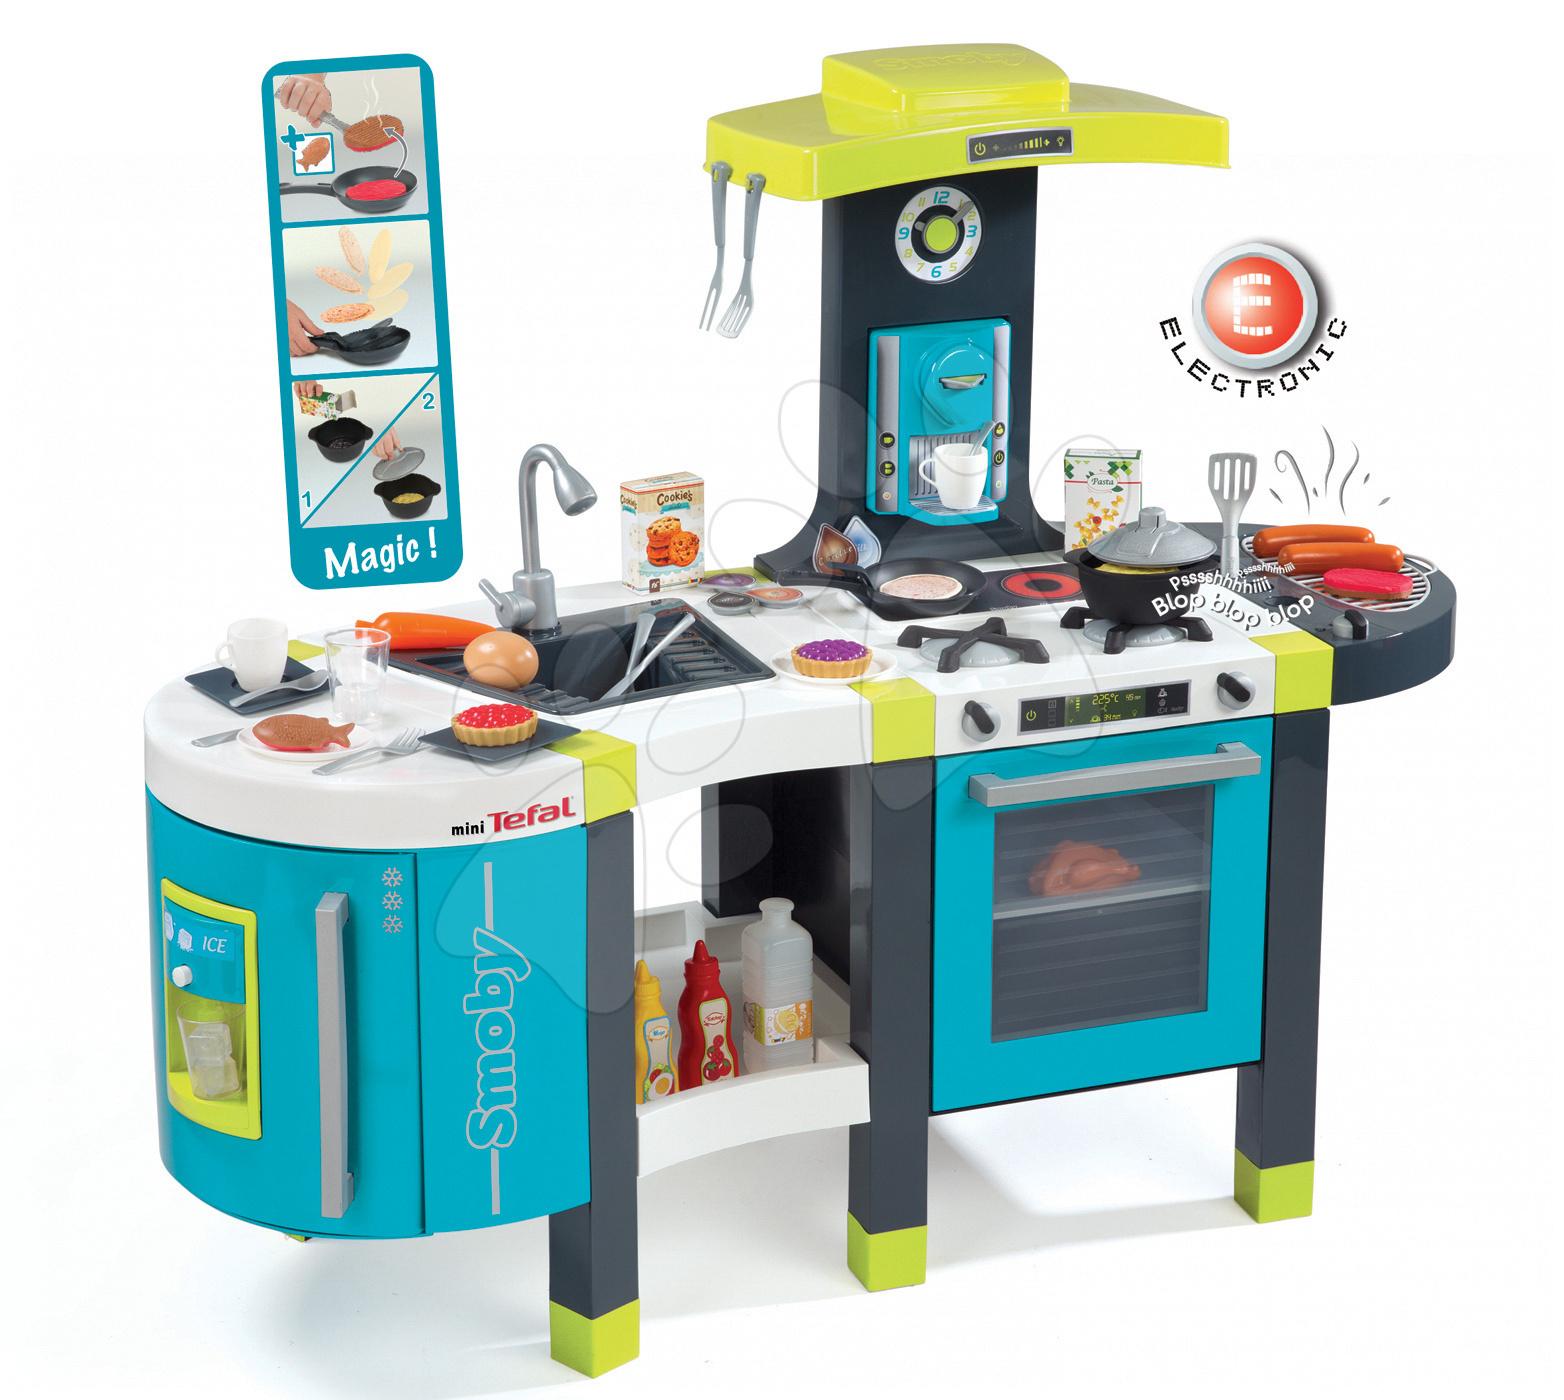 Kuchyňka Tefal French Touch Smoby elektronická se zvuky, s ledem, kávovarem a 45 doplňky tyrkysově-zelená